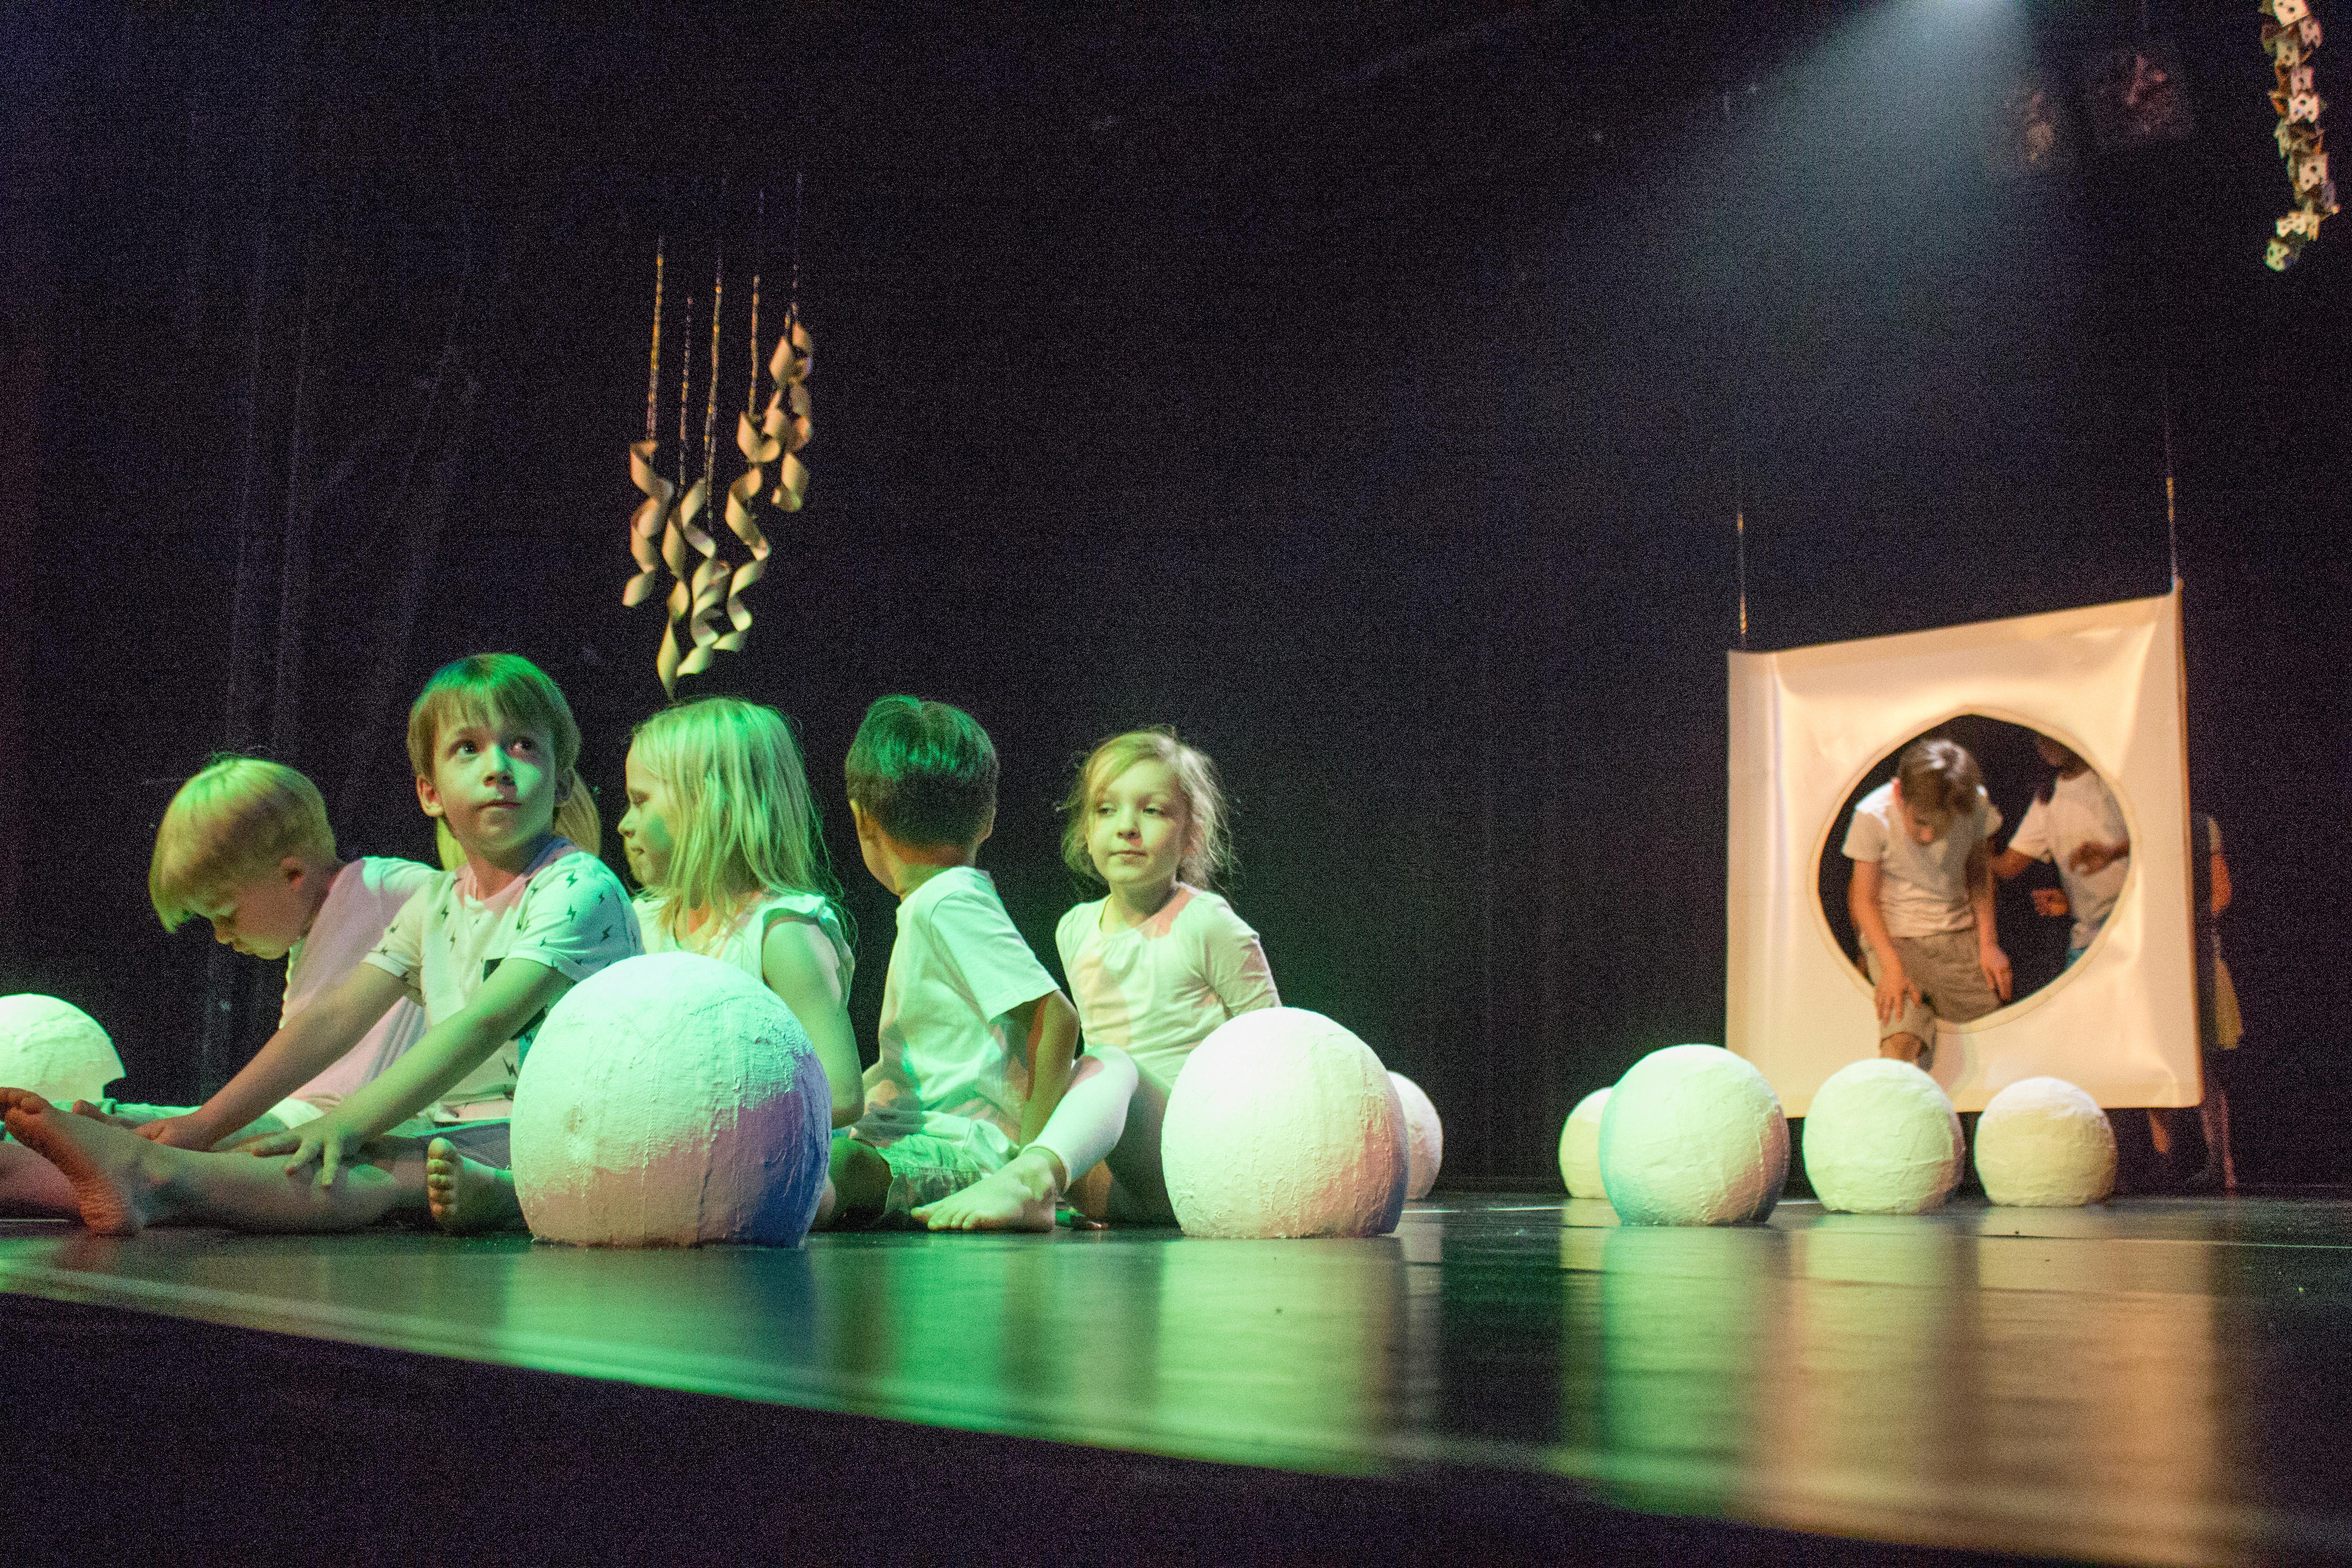 Vorne links sitzen sechs Kinder in Zweierreihe auf der Bühne. Sie sind grün angeleuchtet und schauen sich gegenseitig an. Neben ihnen befinden sich kopfgroße Kugeln aus weißem Gibs auf dem Boden. Rechts im Hintergrund ist eine Stellwand aus Papier mit einem Loch abgebildet, durch das gerade weitere Kinder steigen.